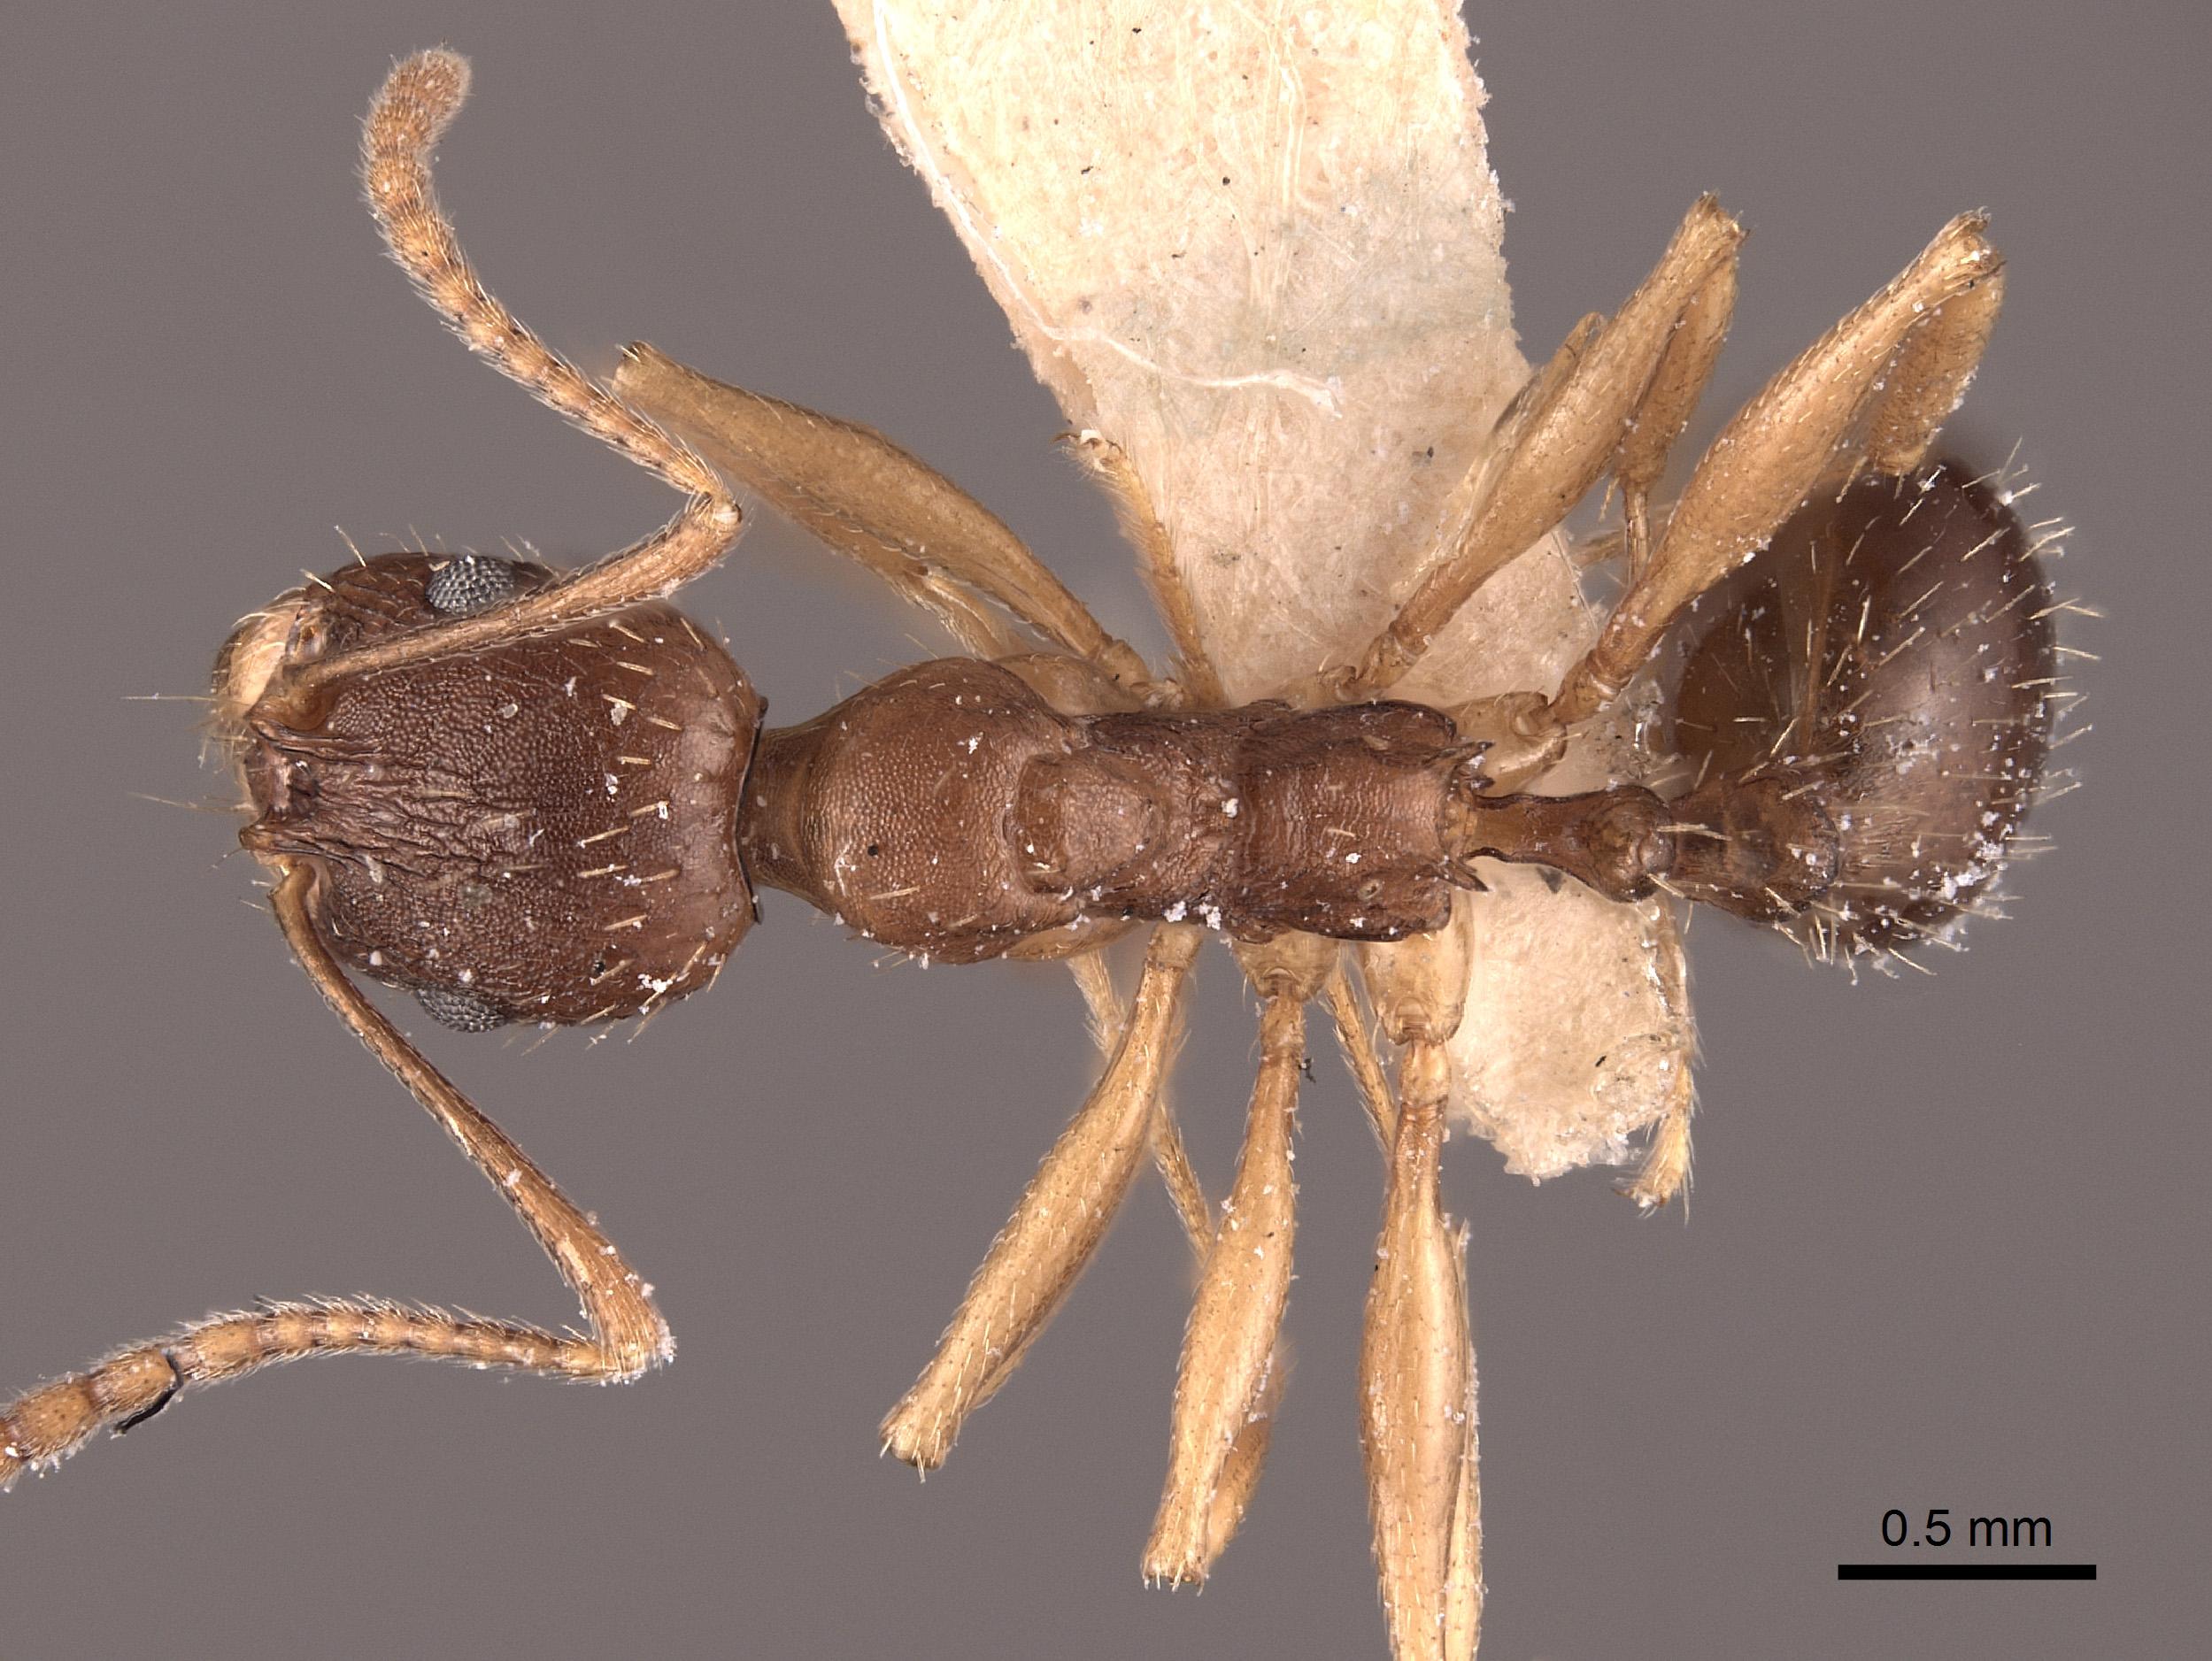 Image of Aphaenogaster aquia